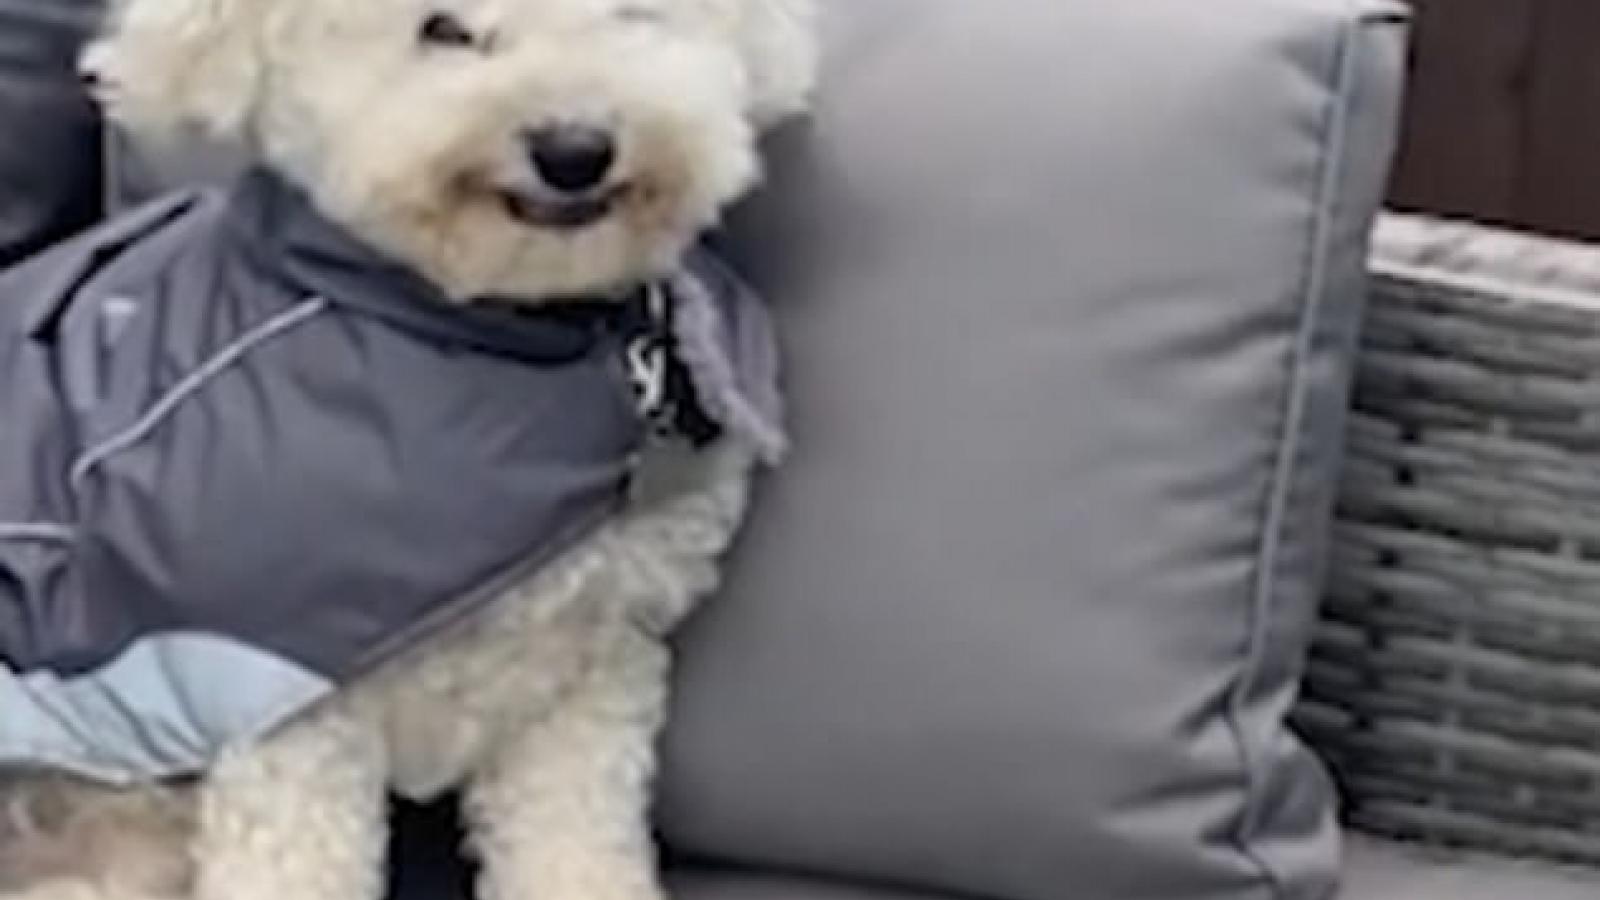 """Video: Khoảnh khắc chú chó """"cười"""" tít mắt khi chủ nhân trêu đùa"""